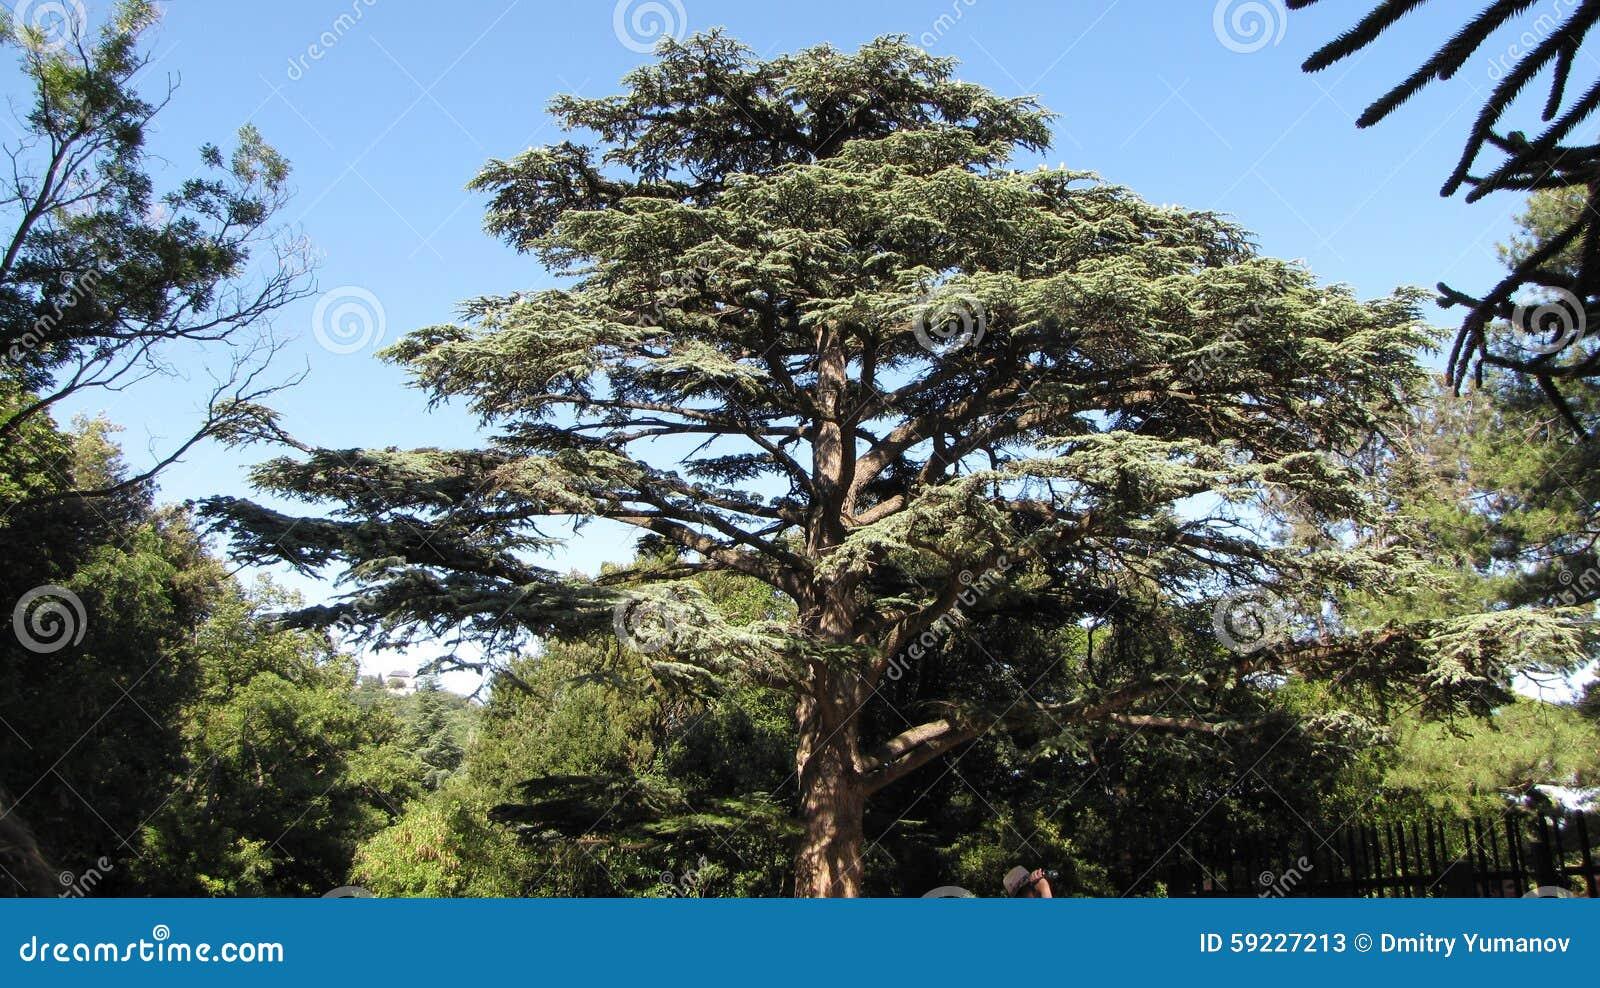 Download El árbol de pino gigante imagen de archivo. Imagen de cubierto - 59227213